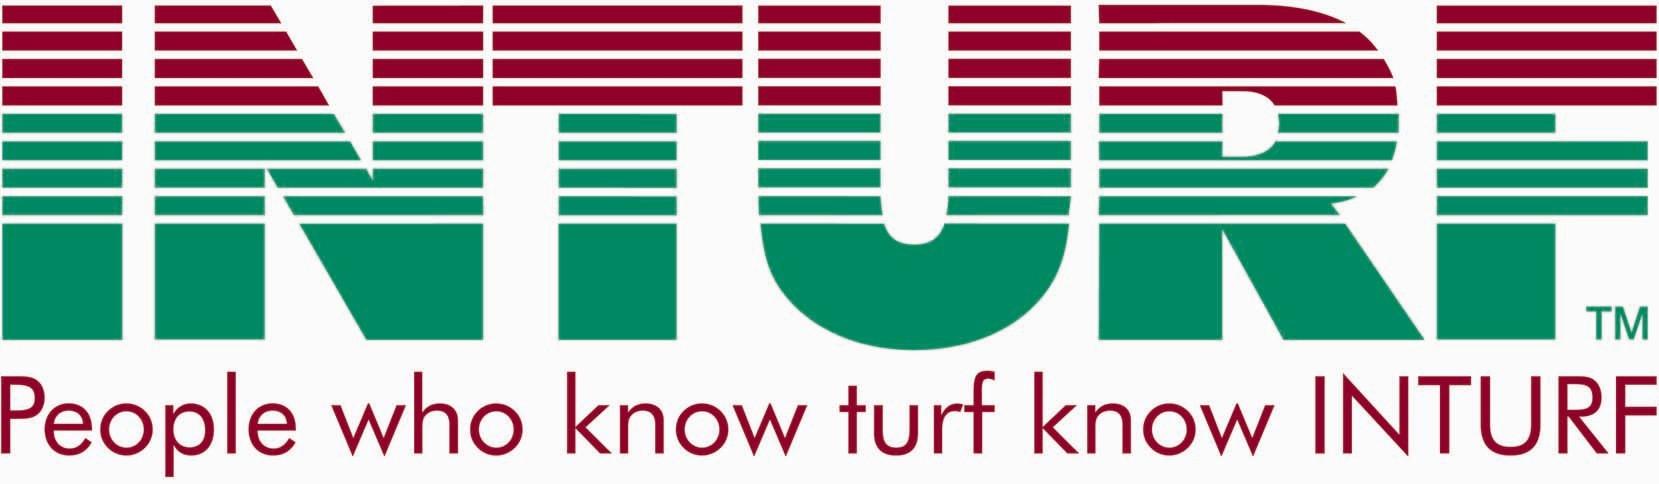 Inturf Logo.JPG